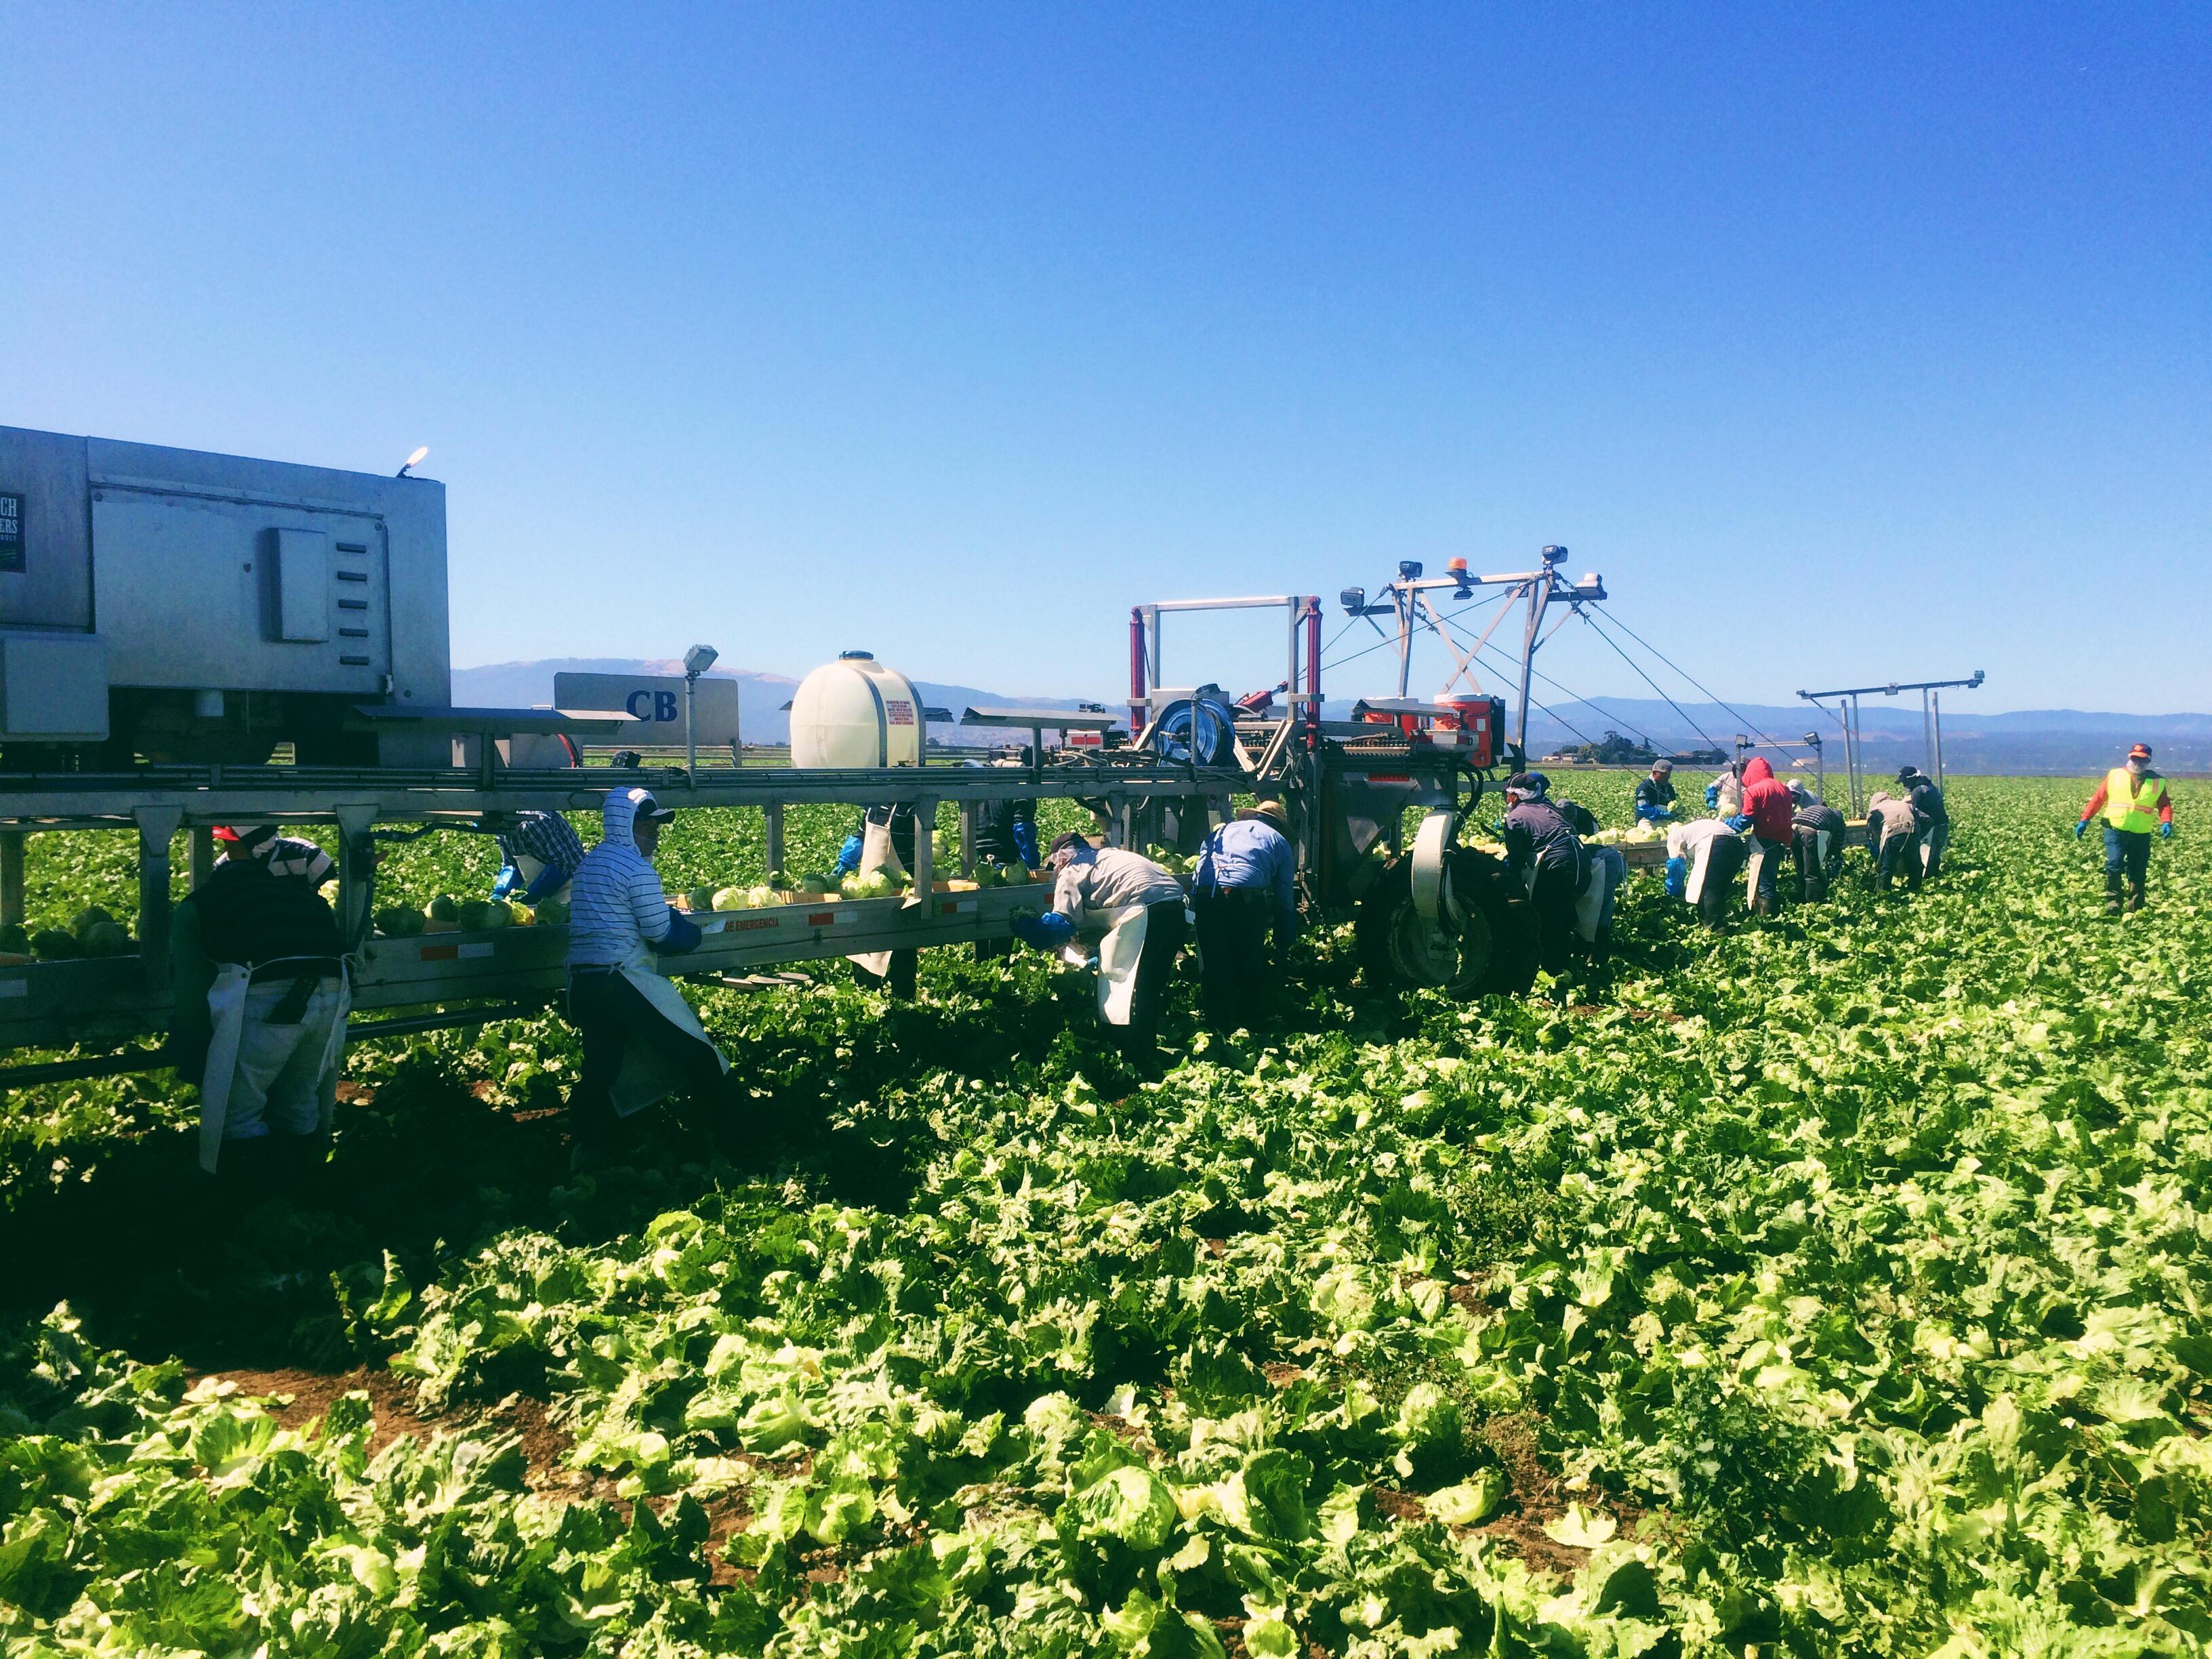 Lettuce Harvesting